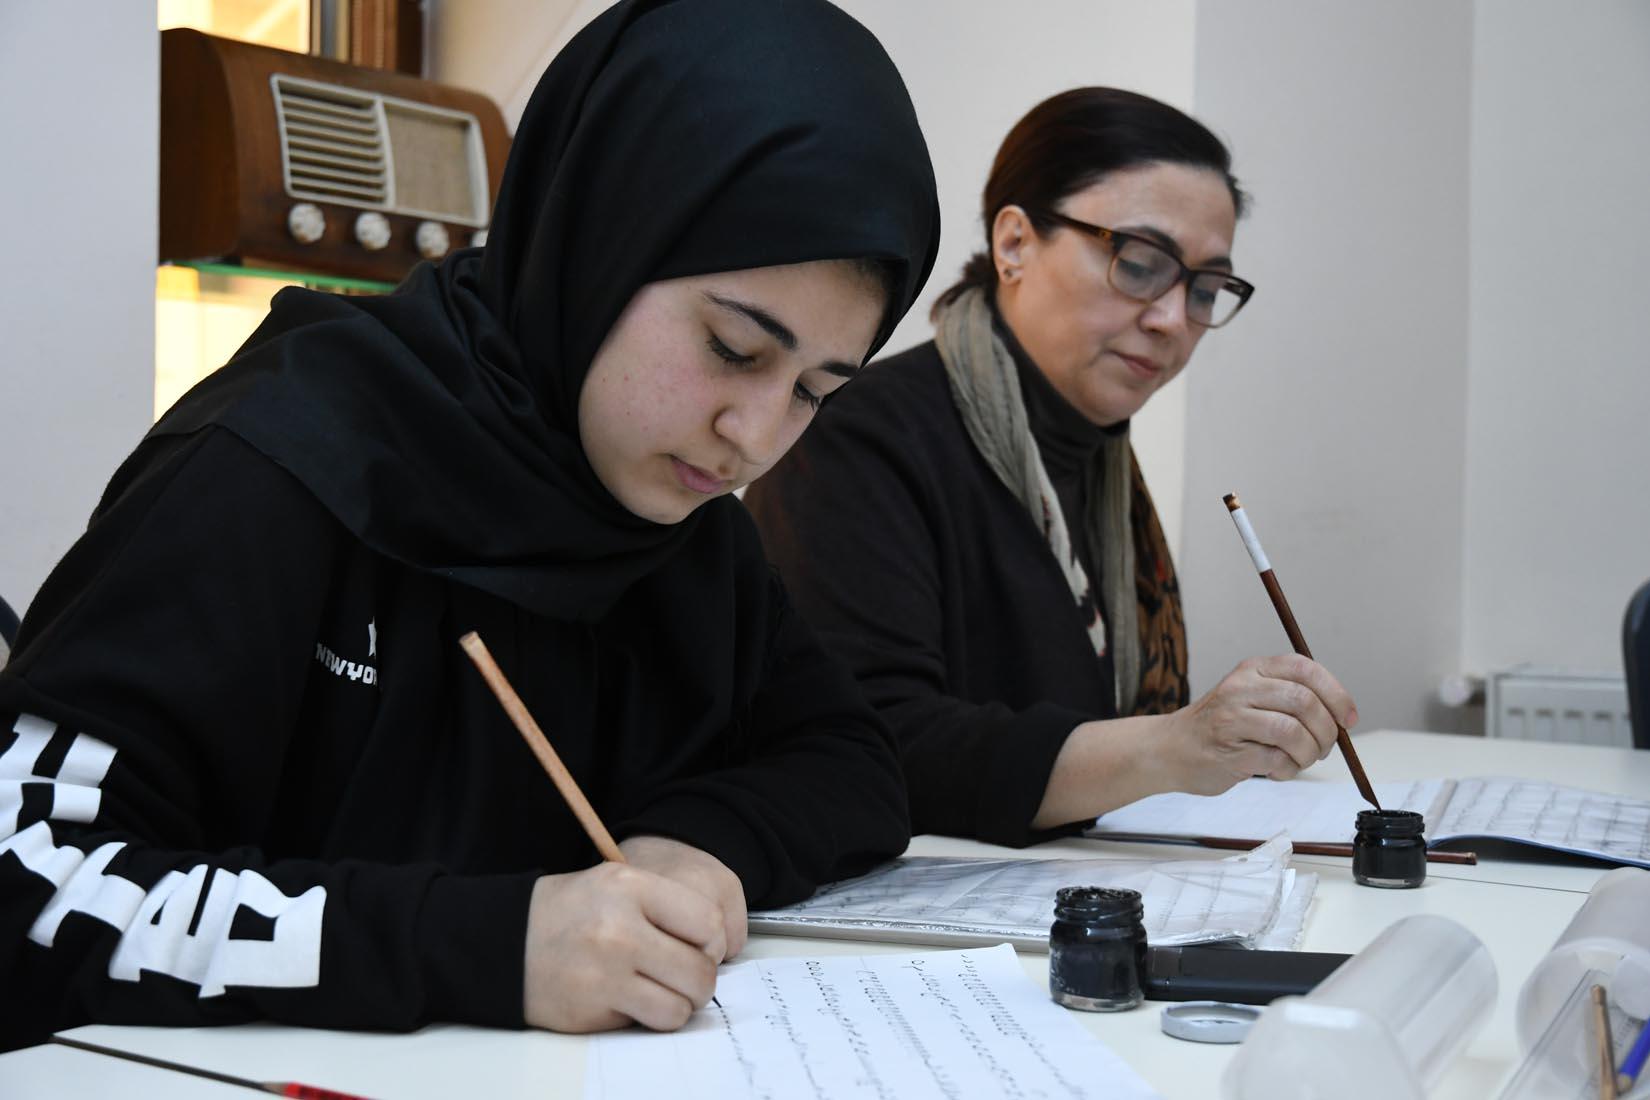 Pendik Belediyesi kursları başlattı; ilk kez seramik, kanun ve kaligrafi baranşlarında kurs veriliyor